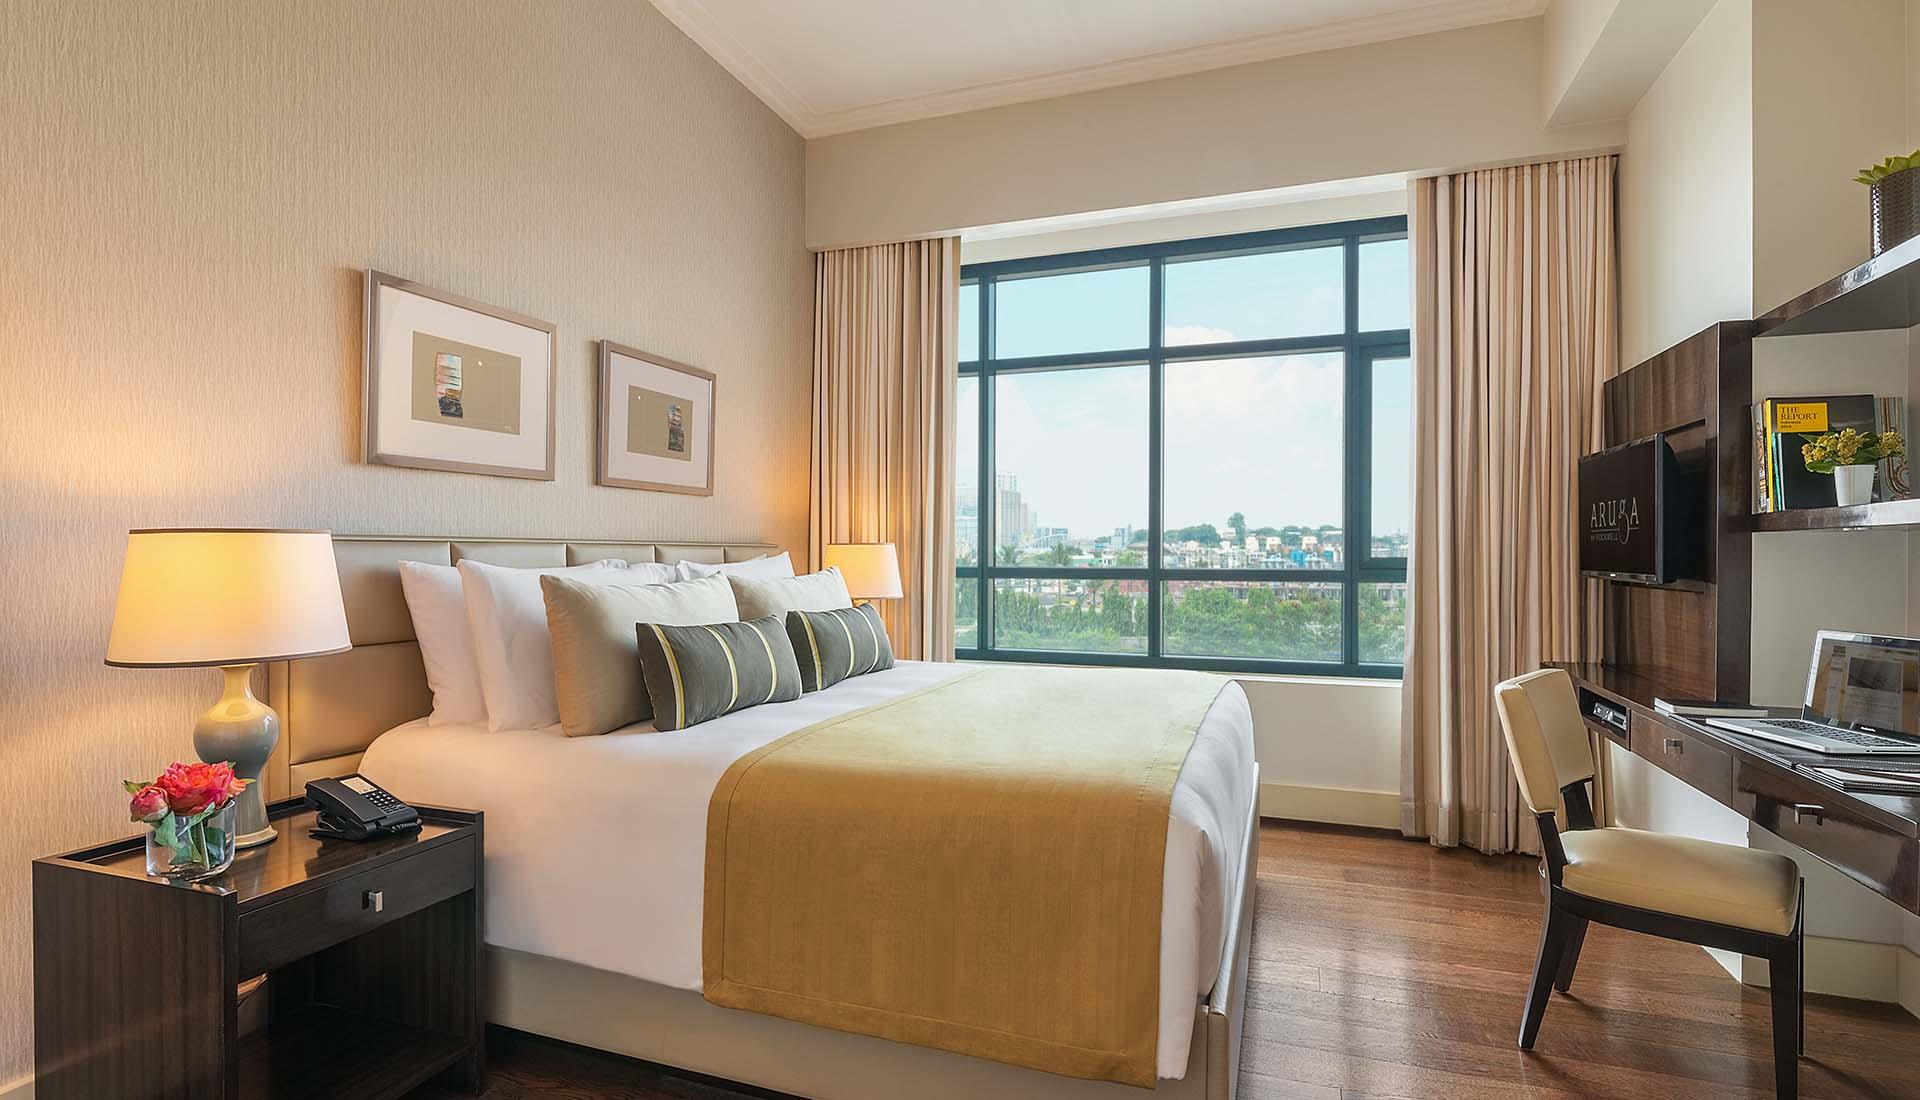 minimalist house bedroom design ideas